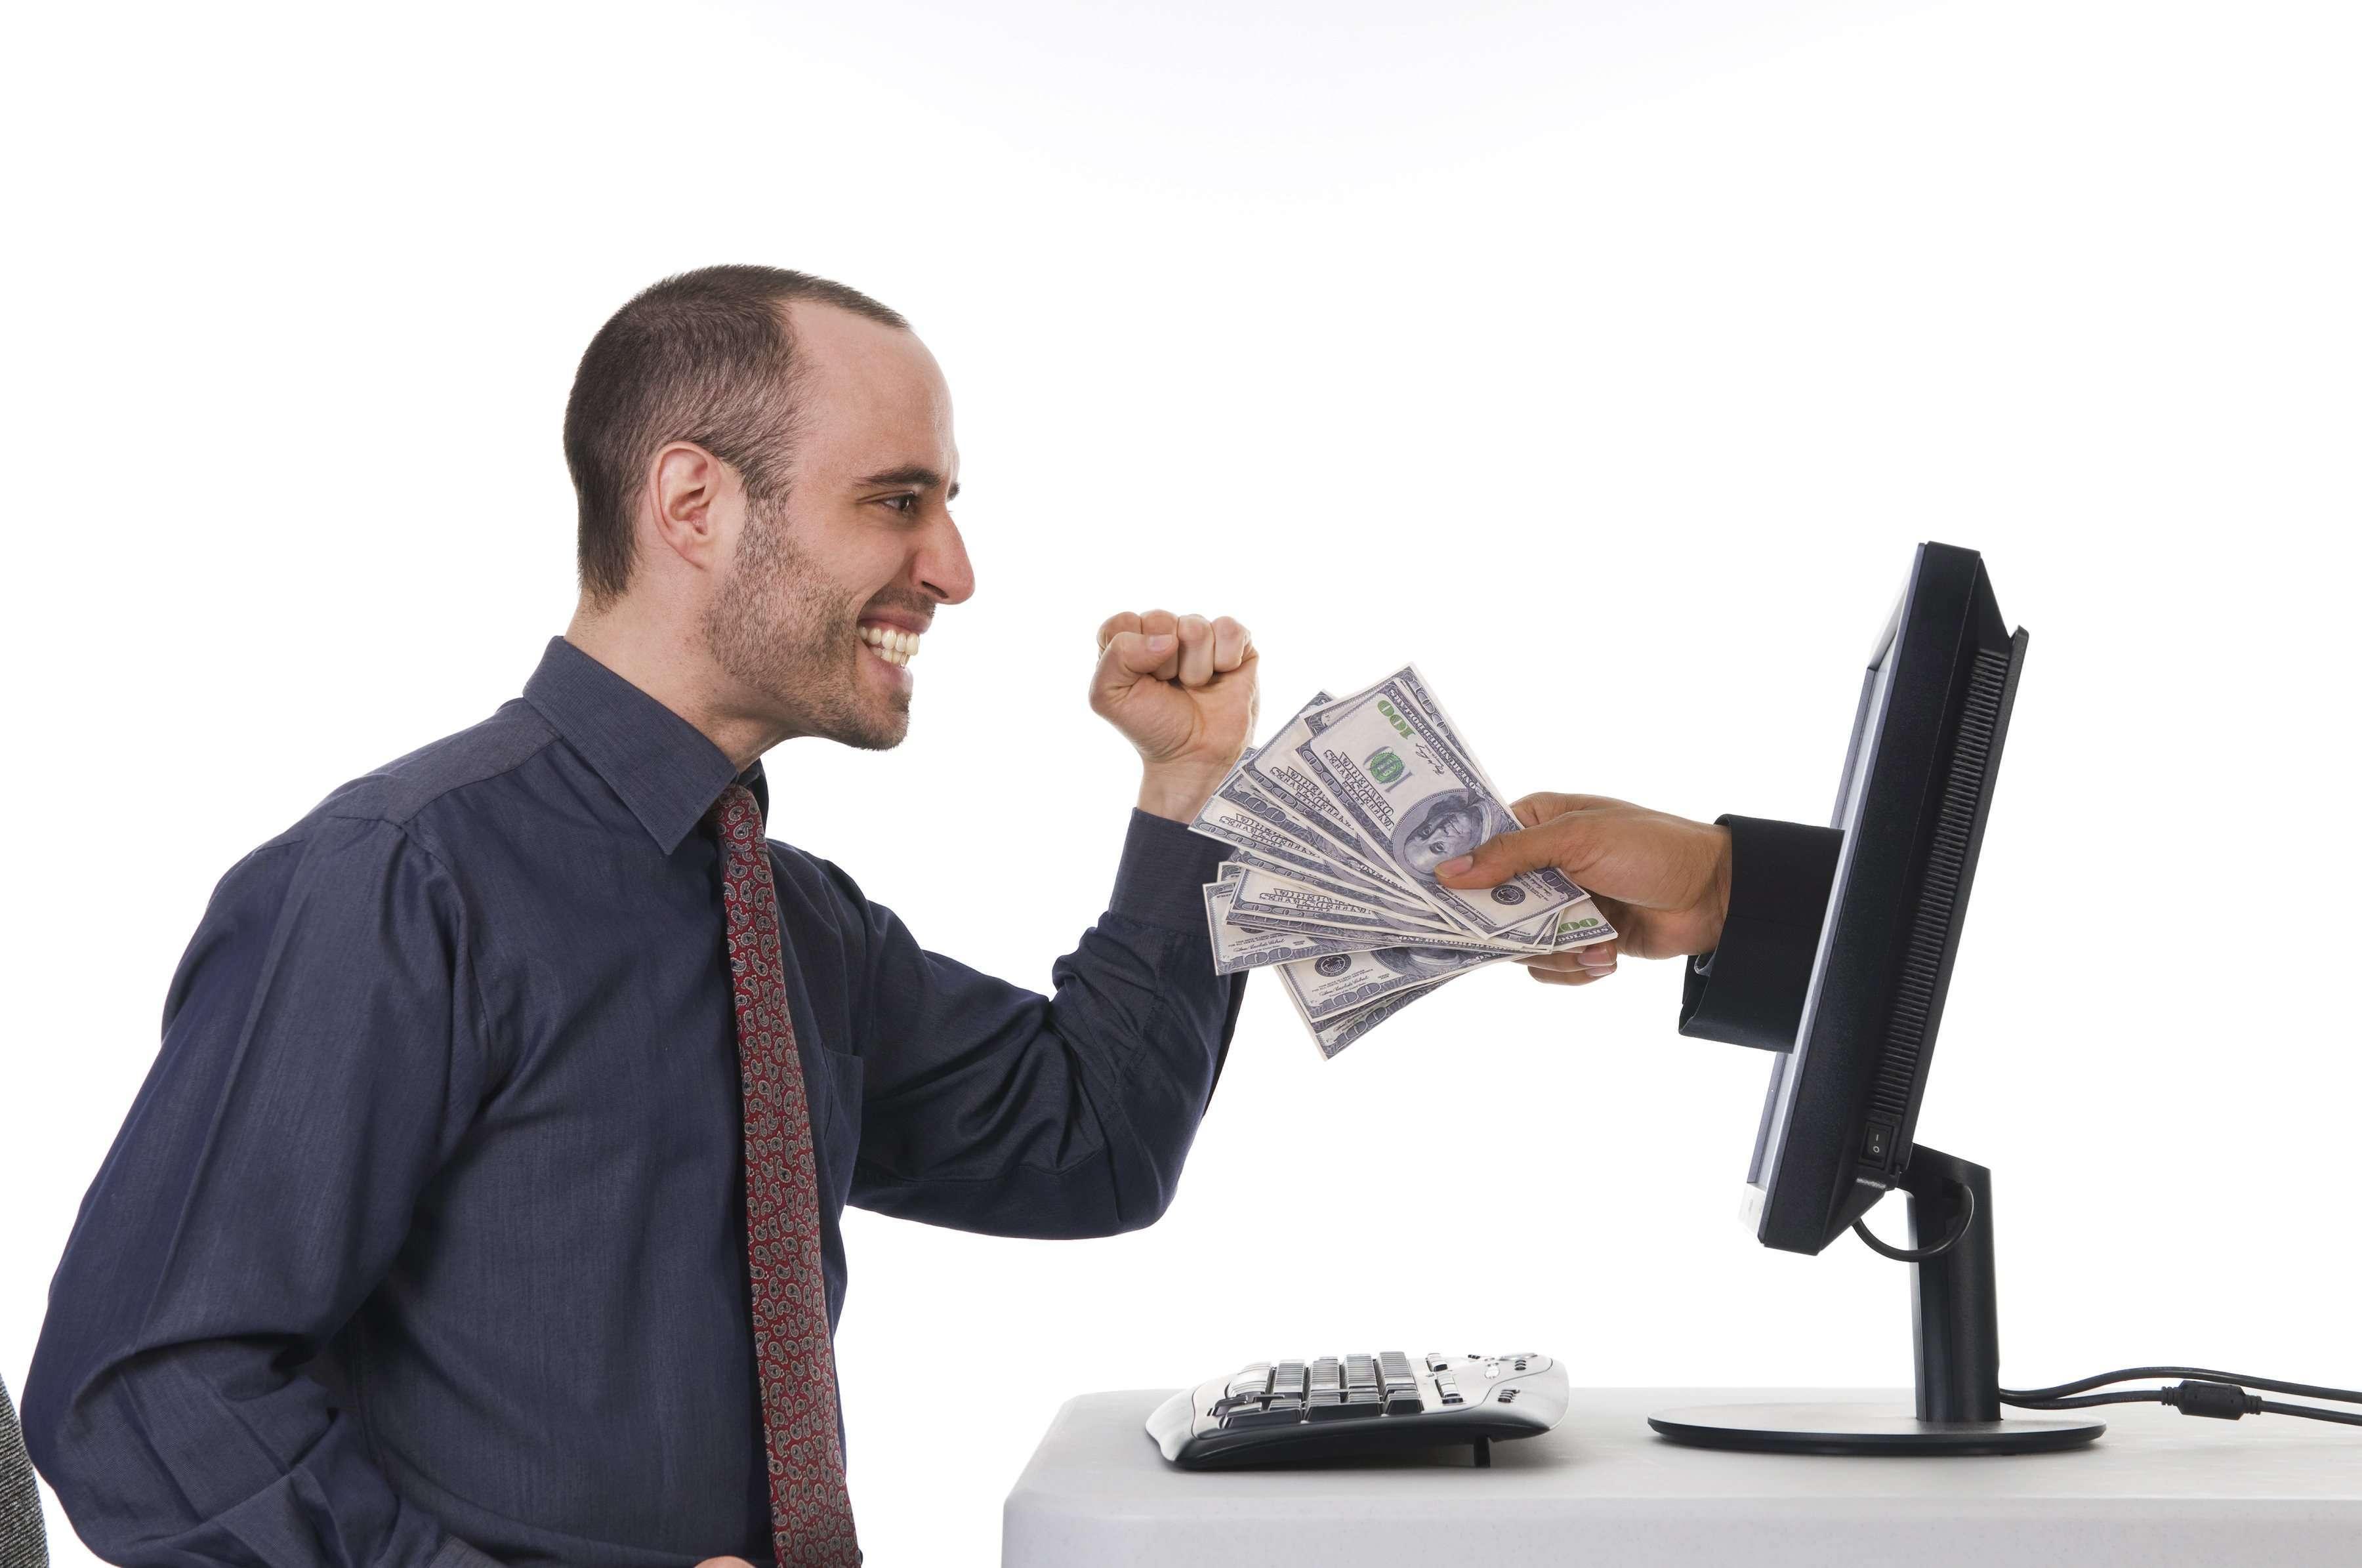 человек зарабатывает деньги на компьютере